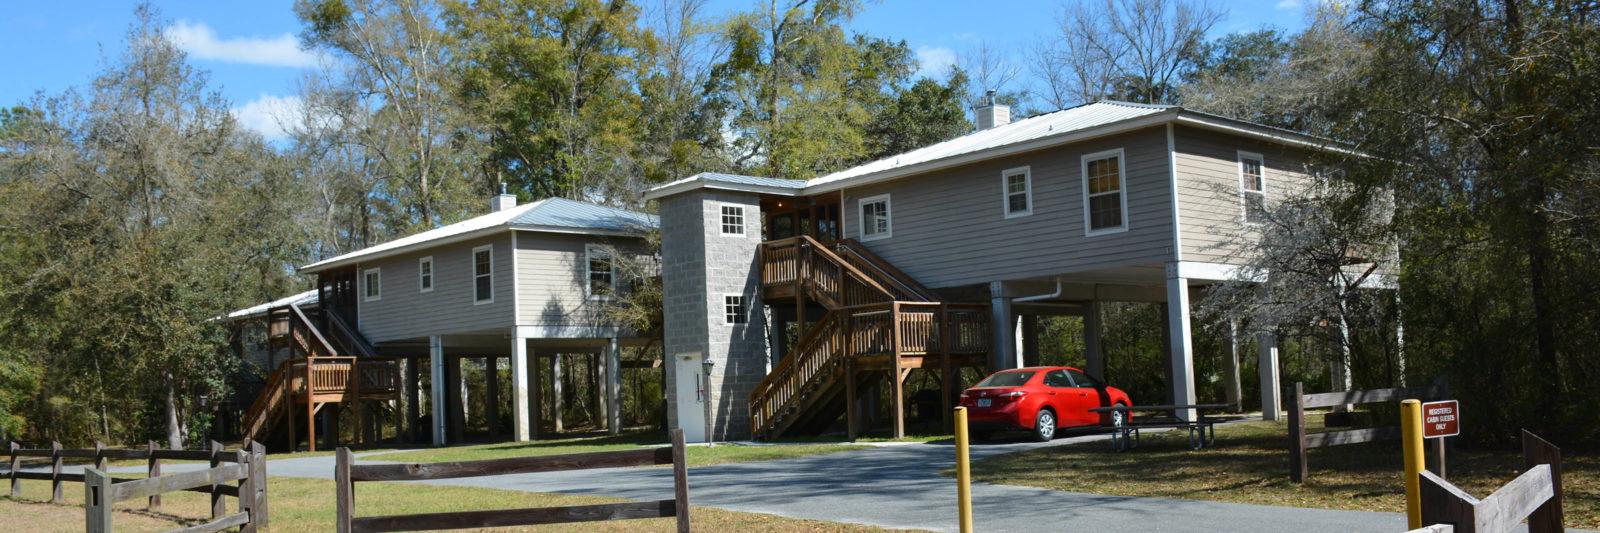 stilt cabins at Lafayette Blue Spring